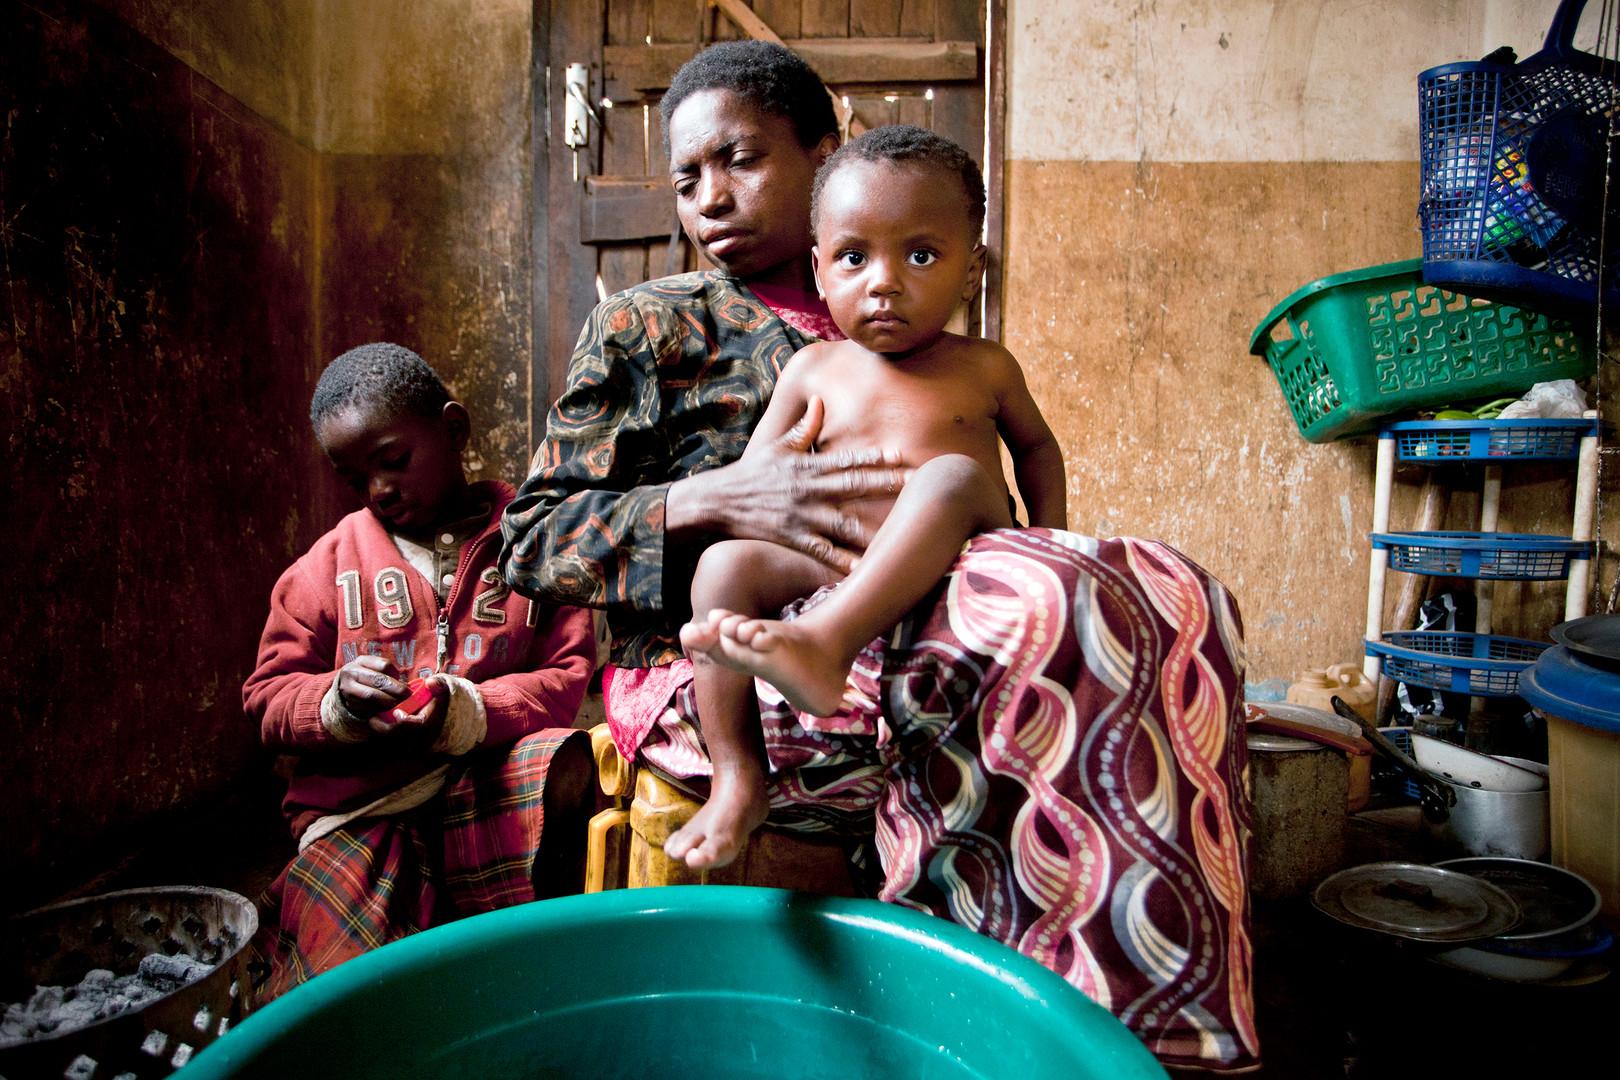 NGO_CSR-OSISA-Zambia 007.jpg